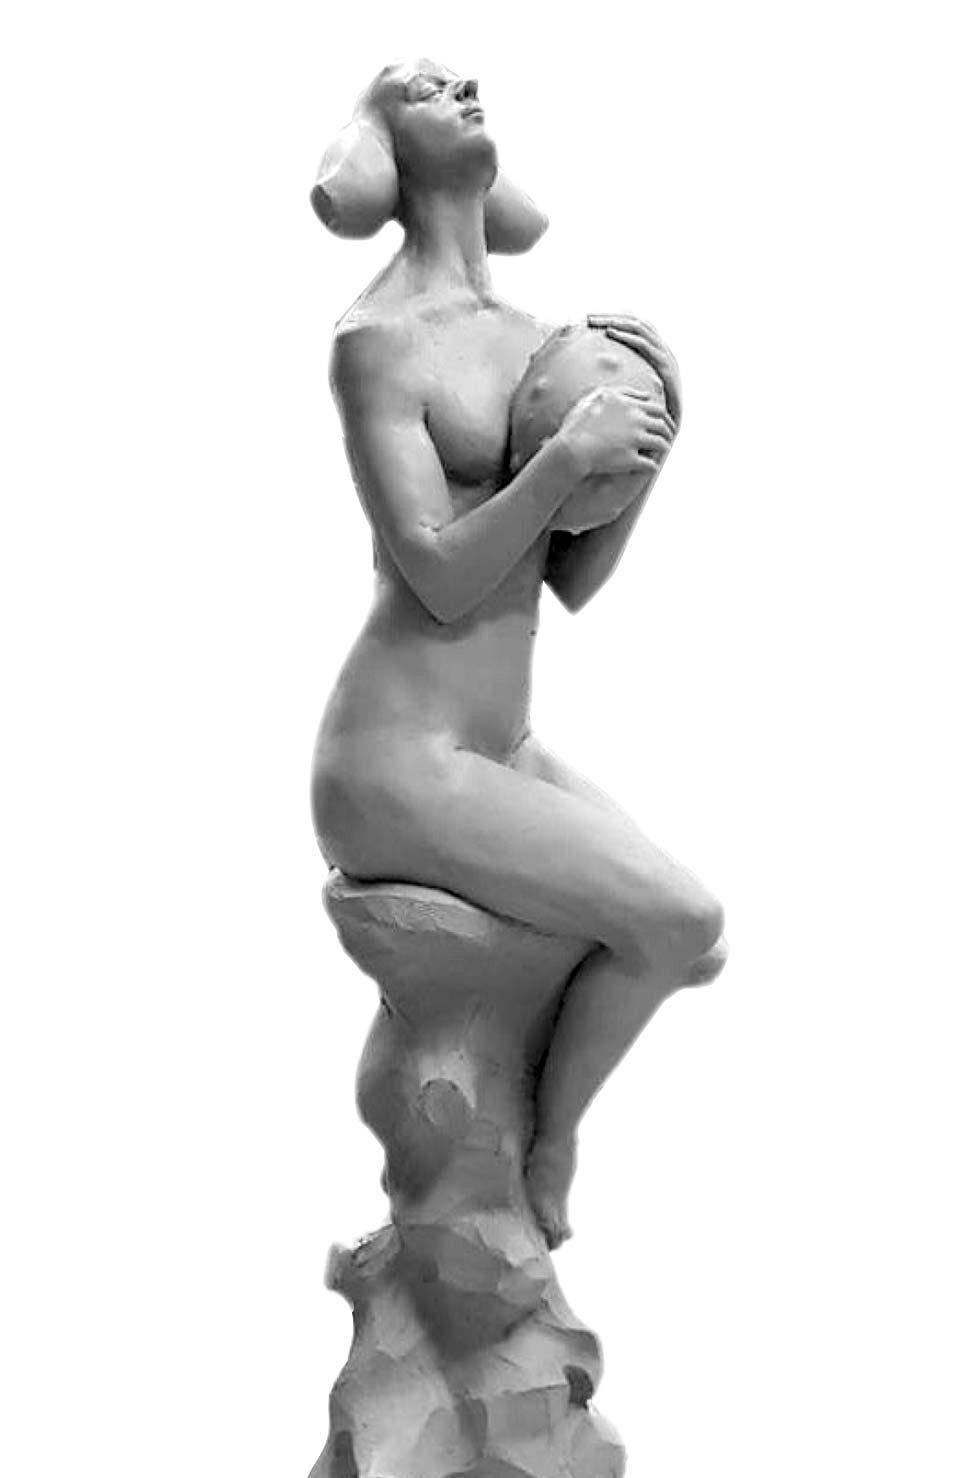 """"""" A Pearl in the Ocean """", béton, 59 x 32 x 30 cm, 2018 - Pièce unique"""